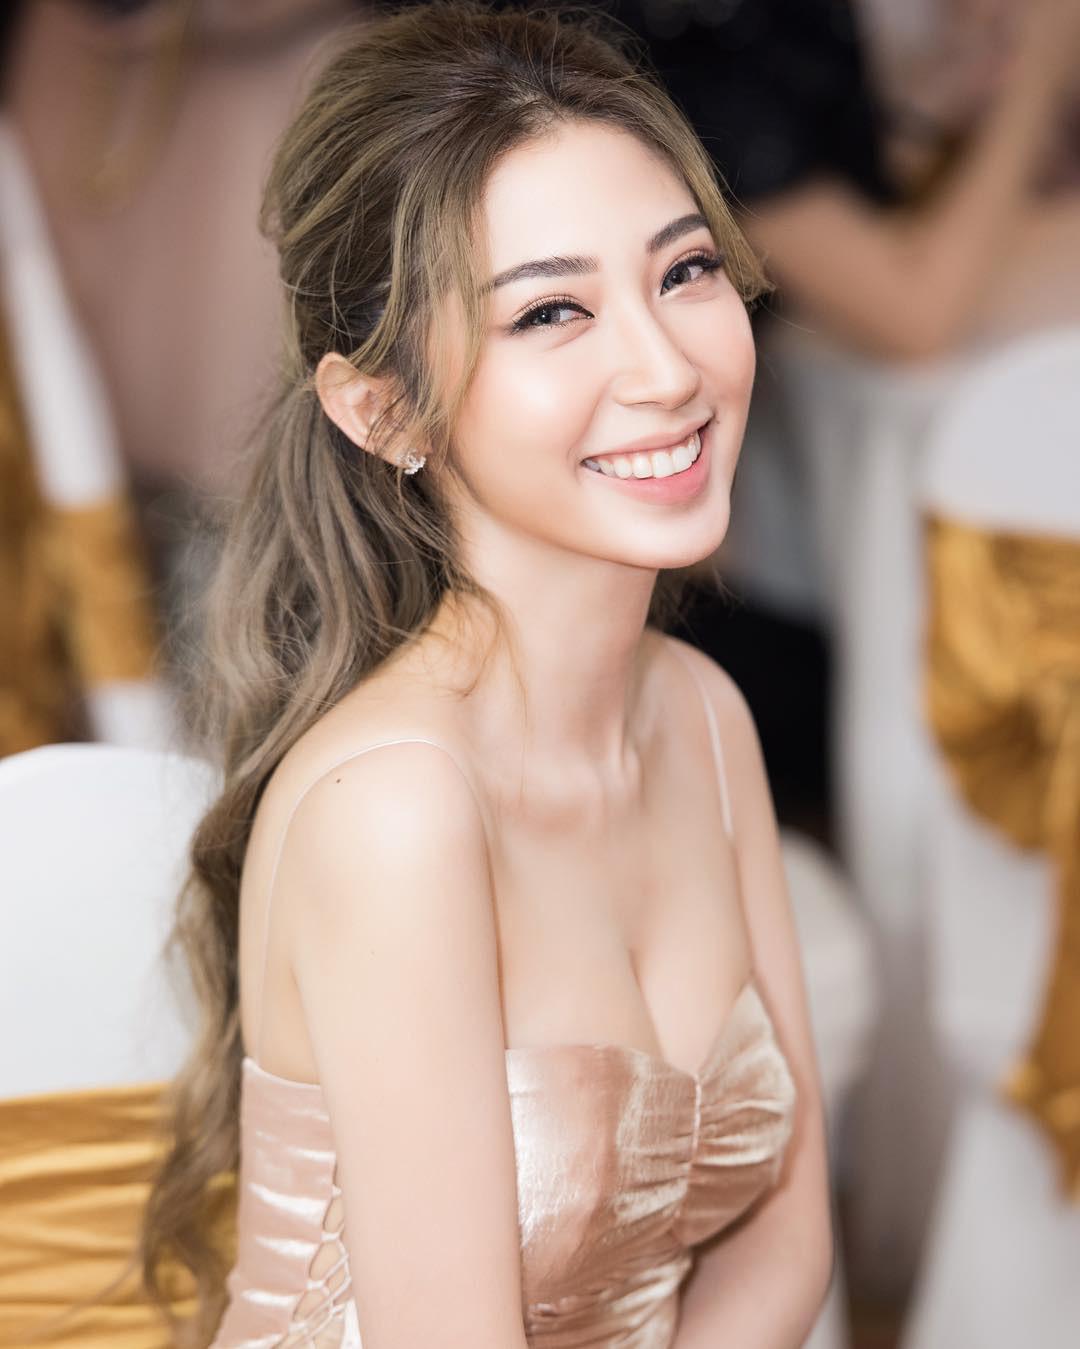 Sau Bảo Thy, Đông Nhi vẫn còn 3 mỹ nhân này chưa chịu lấy chồng: Nhan sắc xinh đẹp, gu thời trang hack tuổi!